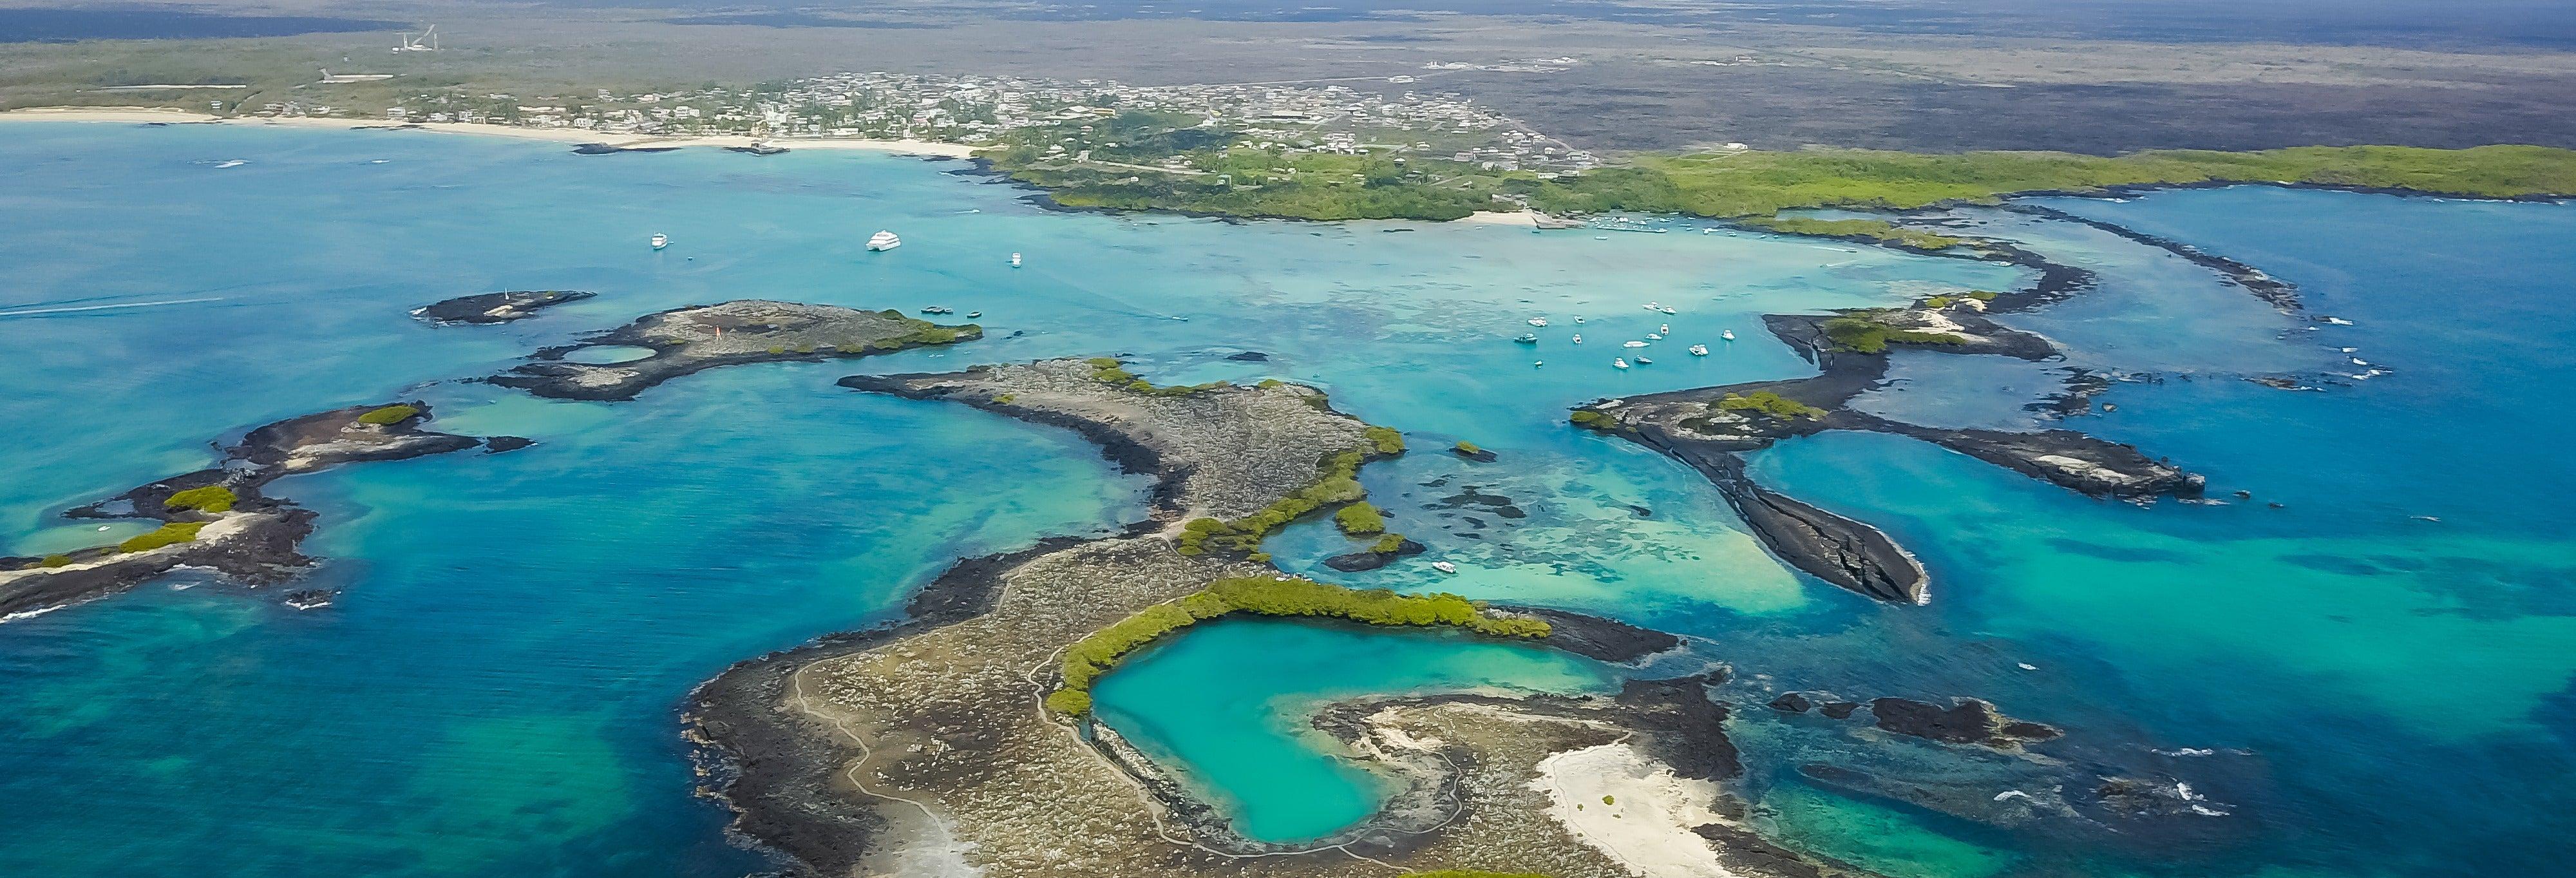 Circuito de 5 días por las Islas Galápagos